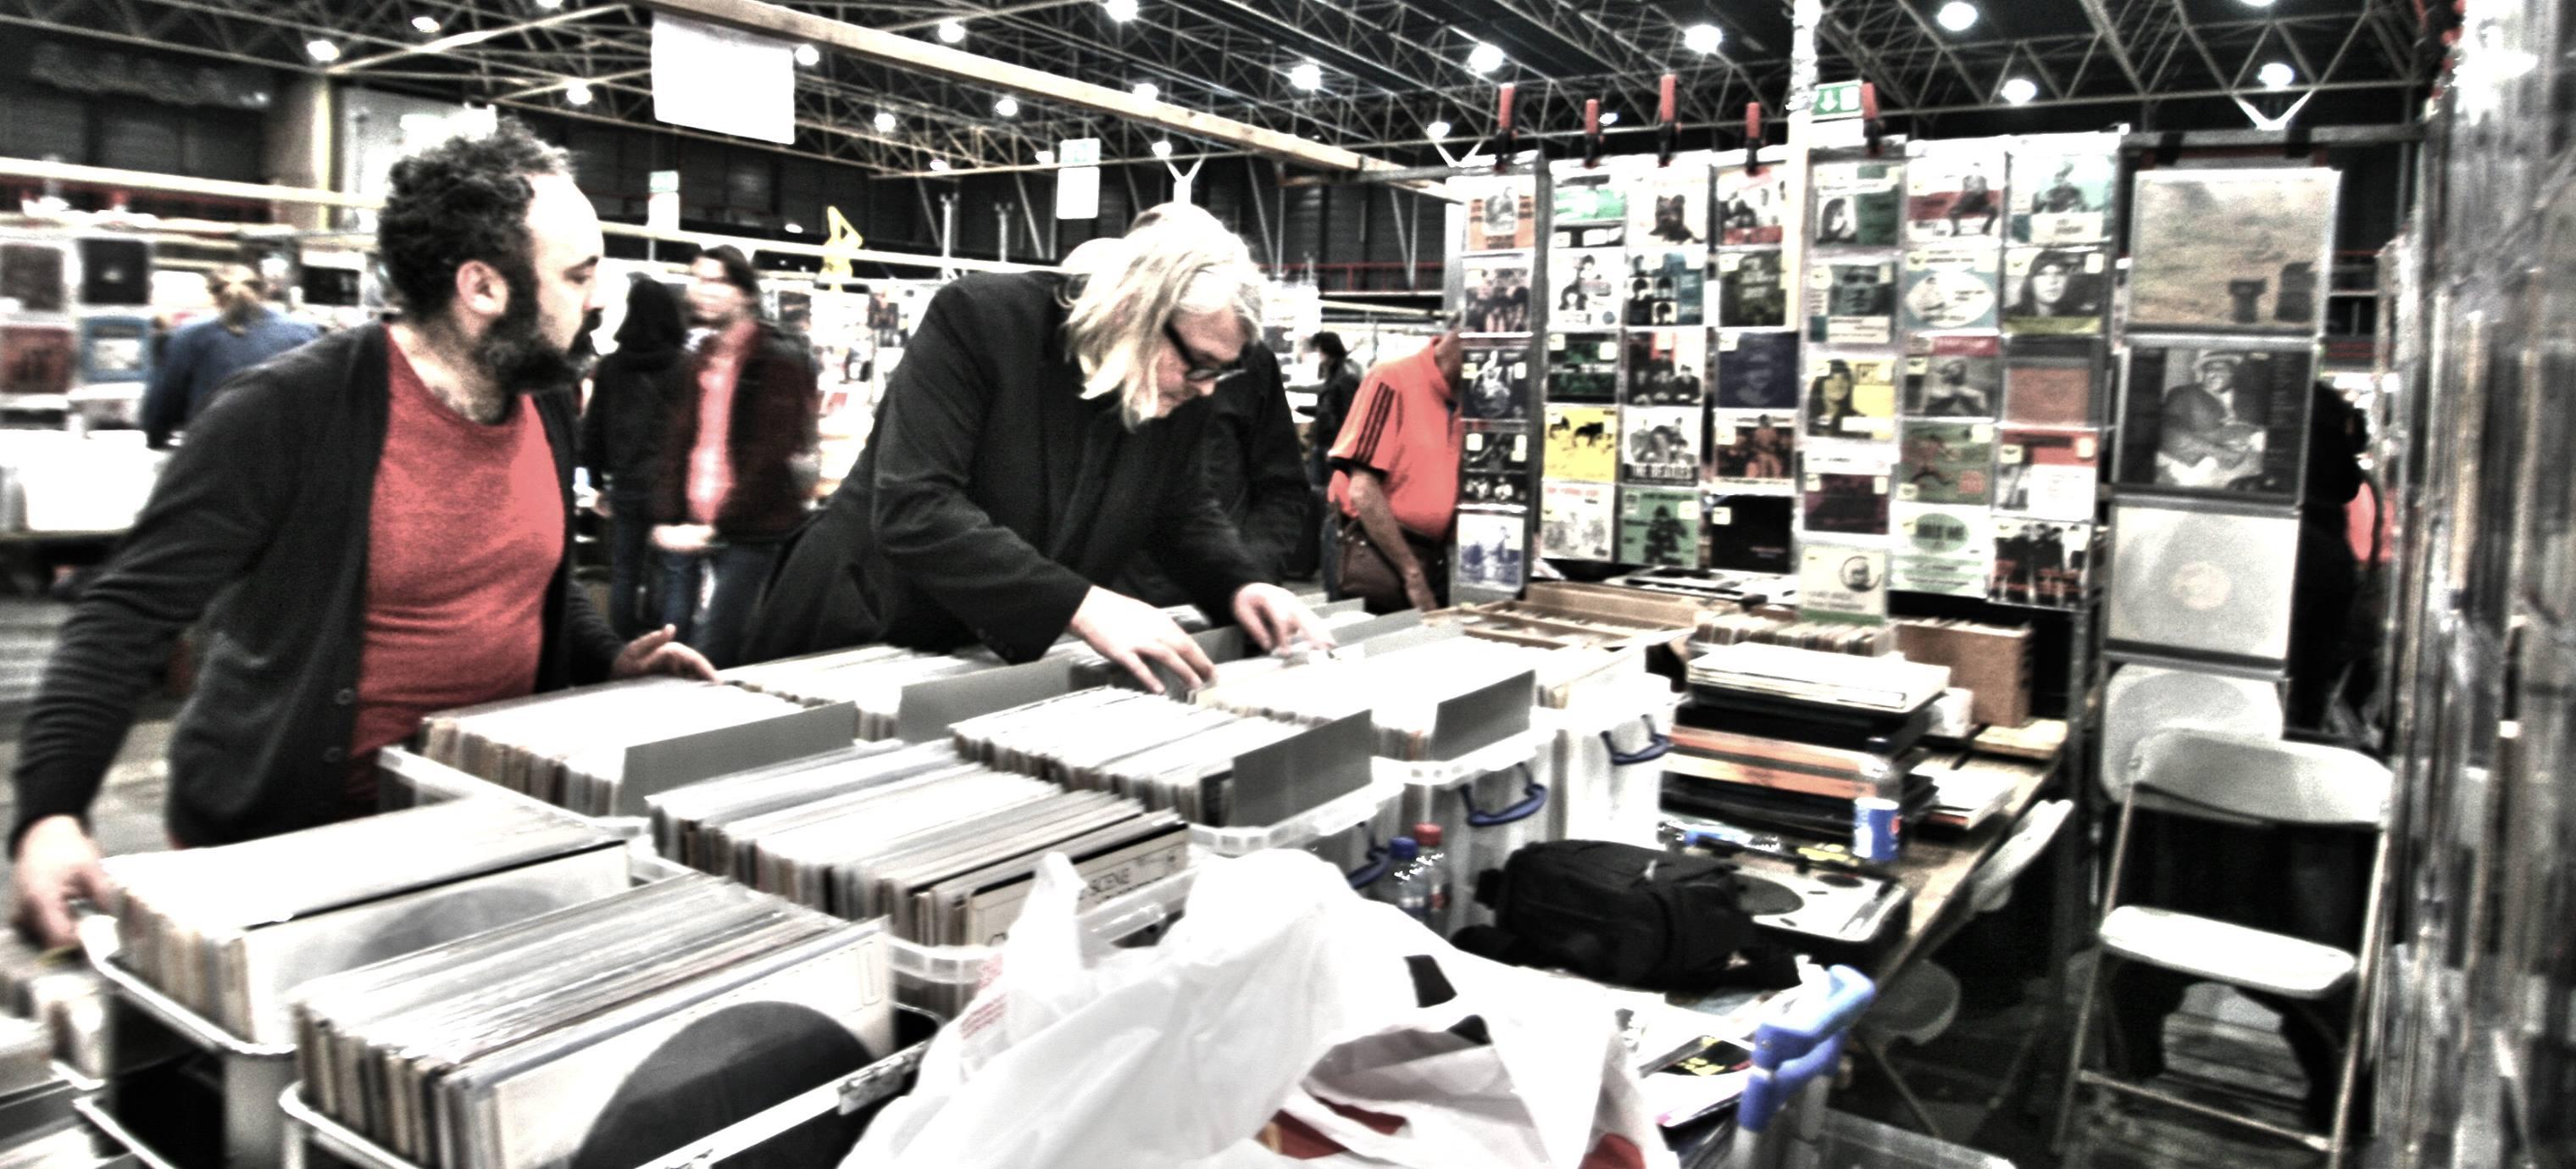 Vinyl Convention in Jaarbeurs, Utrecht with Lars Rørbæk